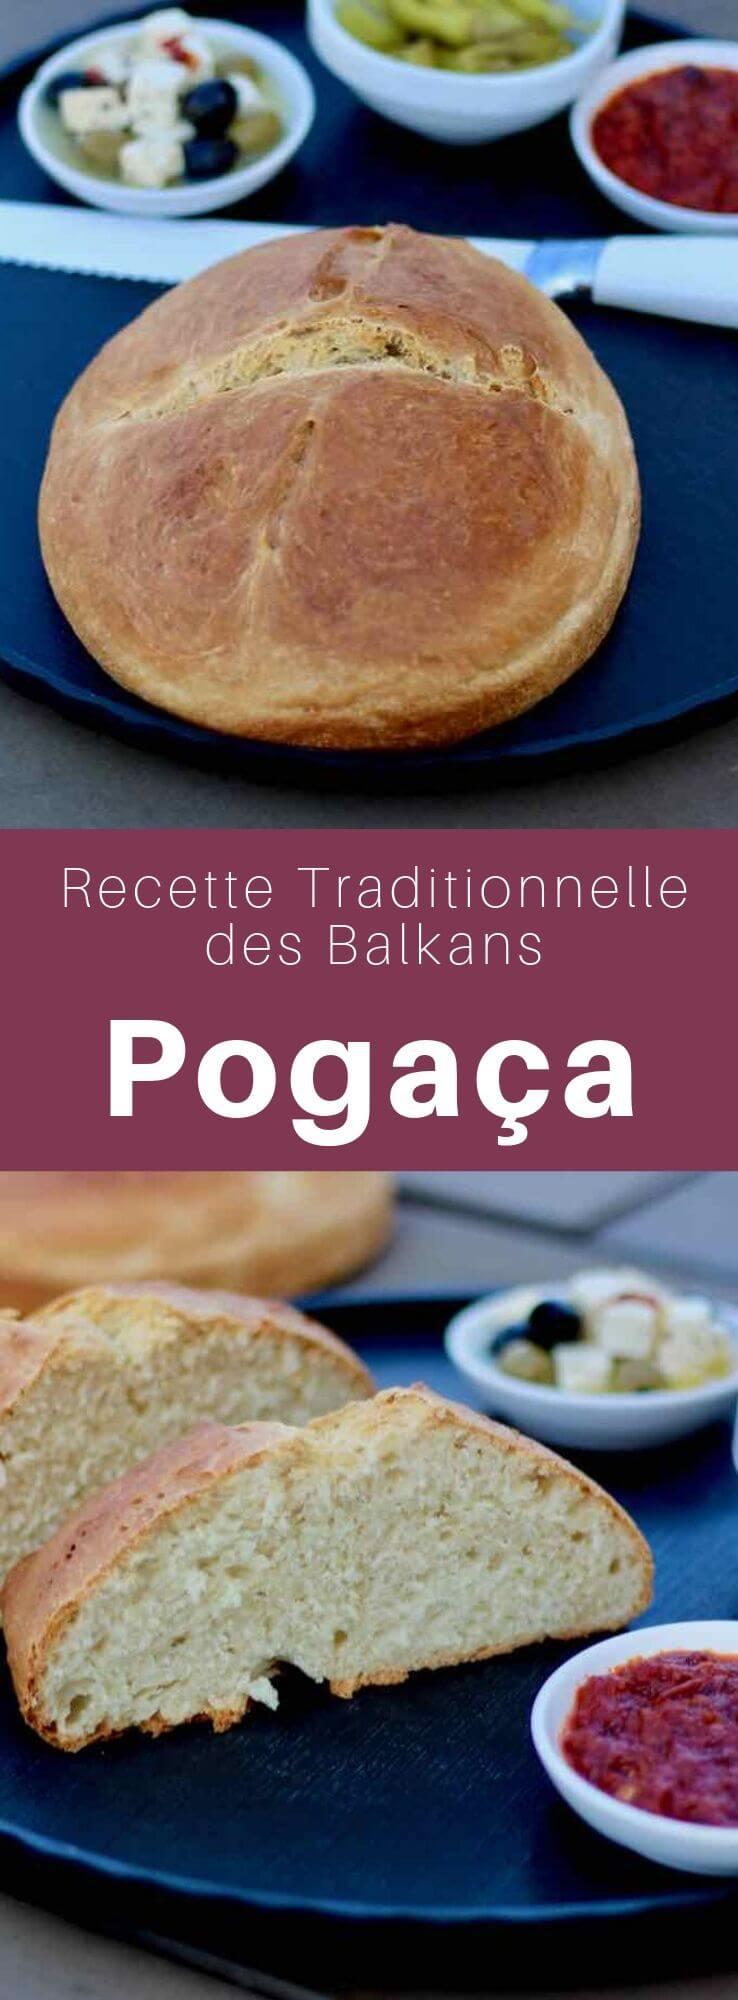 La pogača autrement appelé poğaça, pogace, pogácsa, pagáče, pohagata, pogacha est le pain que l'on retrouve sur toutes les tables des Balkans. #Balkans #Serbie #CuisineSerbe #RecetteSerbe #PainSerbe #PainDesBalkans #CuisineDuMonde #196flavors